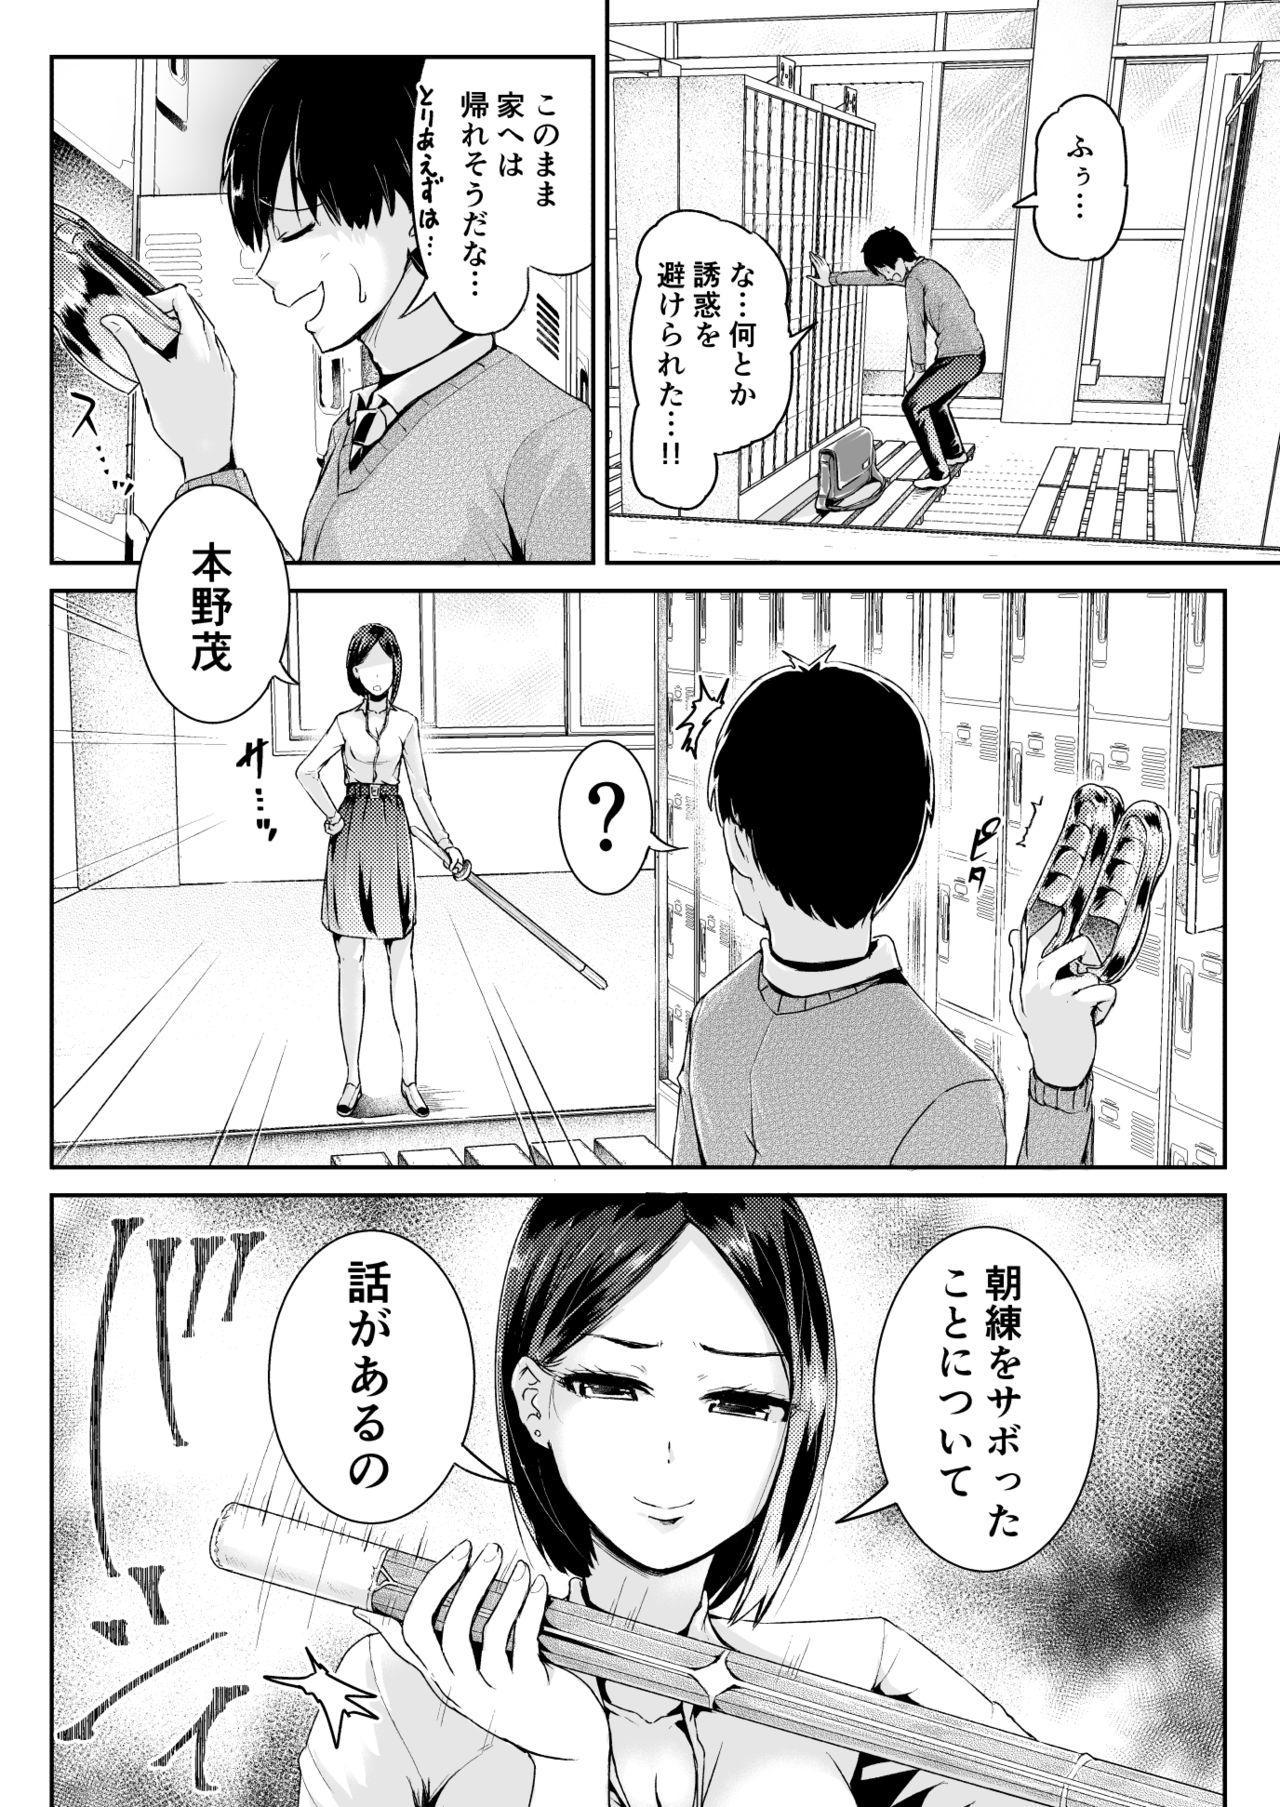 Doutei no Ore o Yuuwaku suru Ecchi na Joshi-tachi!? 8 12